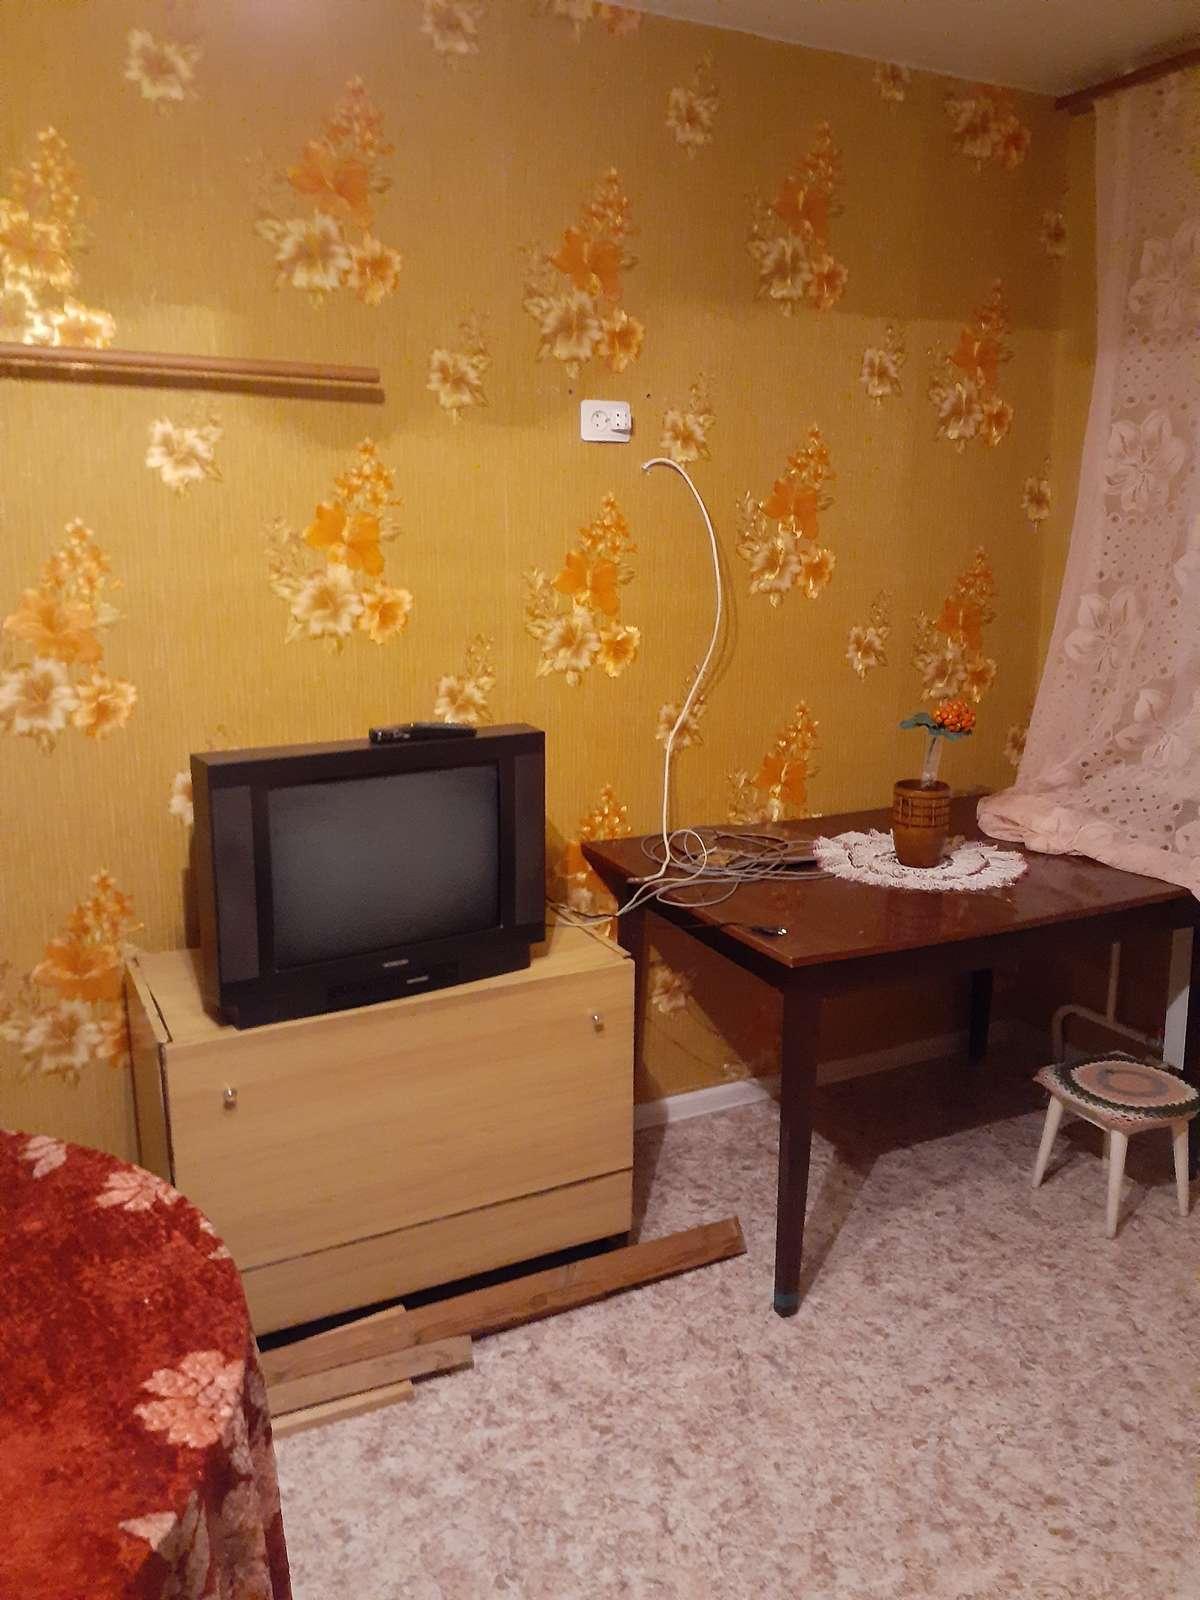 Аренда 1-комнатной квартиры, г. Тольятти, Комсомольская улица  дом 42